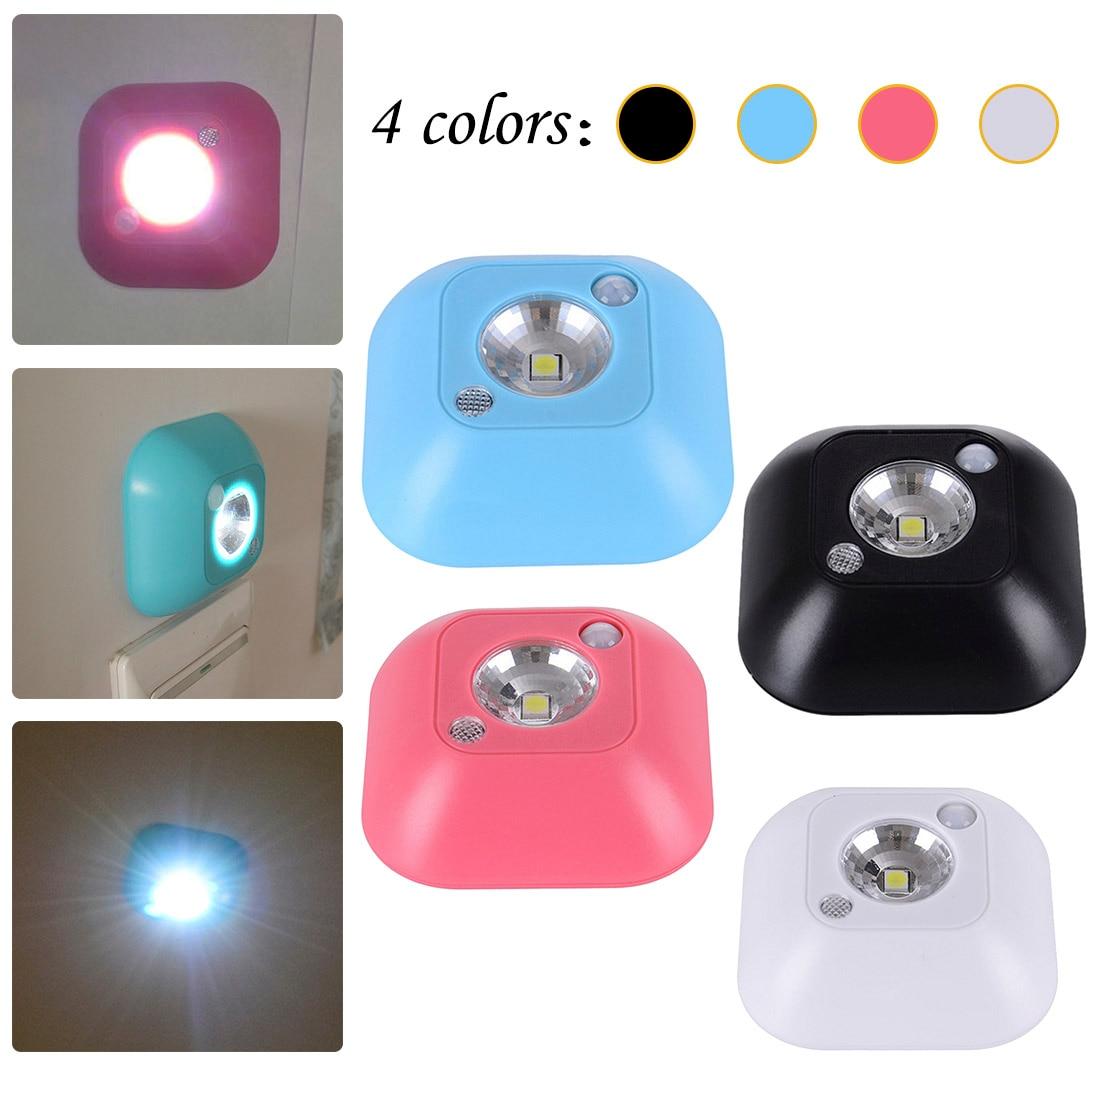 Lámpara de pie creativa para mesita de noche, luz nocturna inalámbrica, miniluces LED con Sensor de movimiento activado por infrarrojos con batería Nueva luz nocturna con Sensor de movimiento inteligente LED lámpara de noche a pilas WC lámpara de noche para habitación pasillo inodoro DA